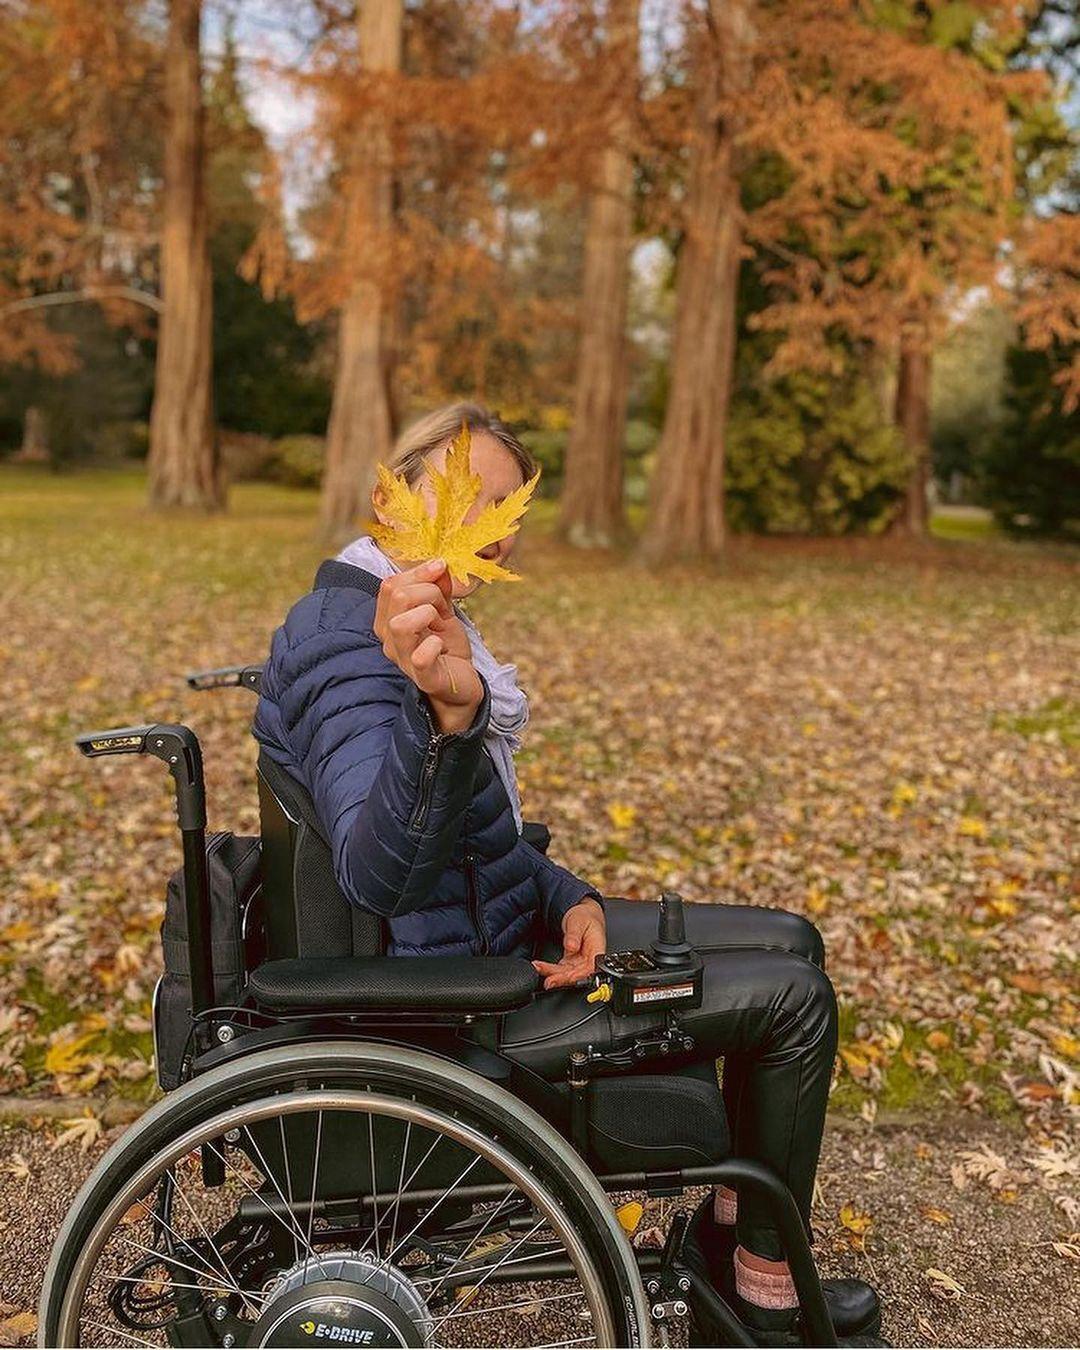 Paralizii / tetraplegie / paraplegie / tetrapareza / epilepsie | Reabilitare nutritionala si fizica